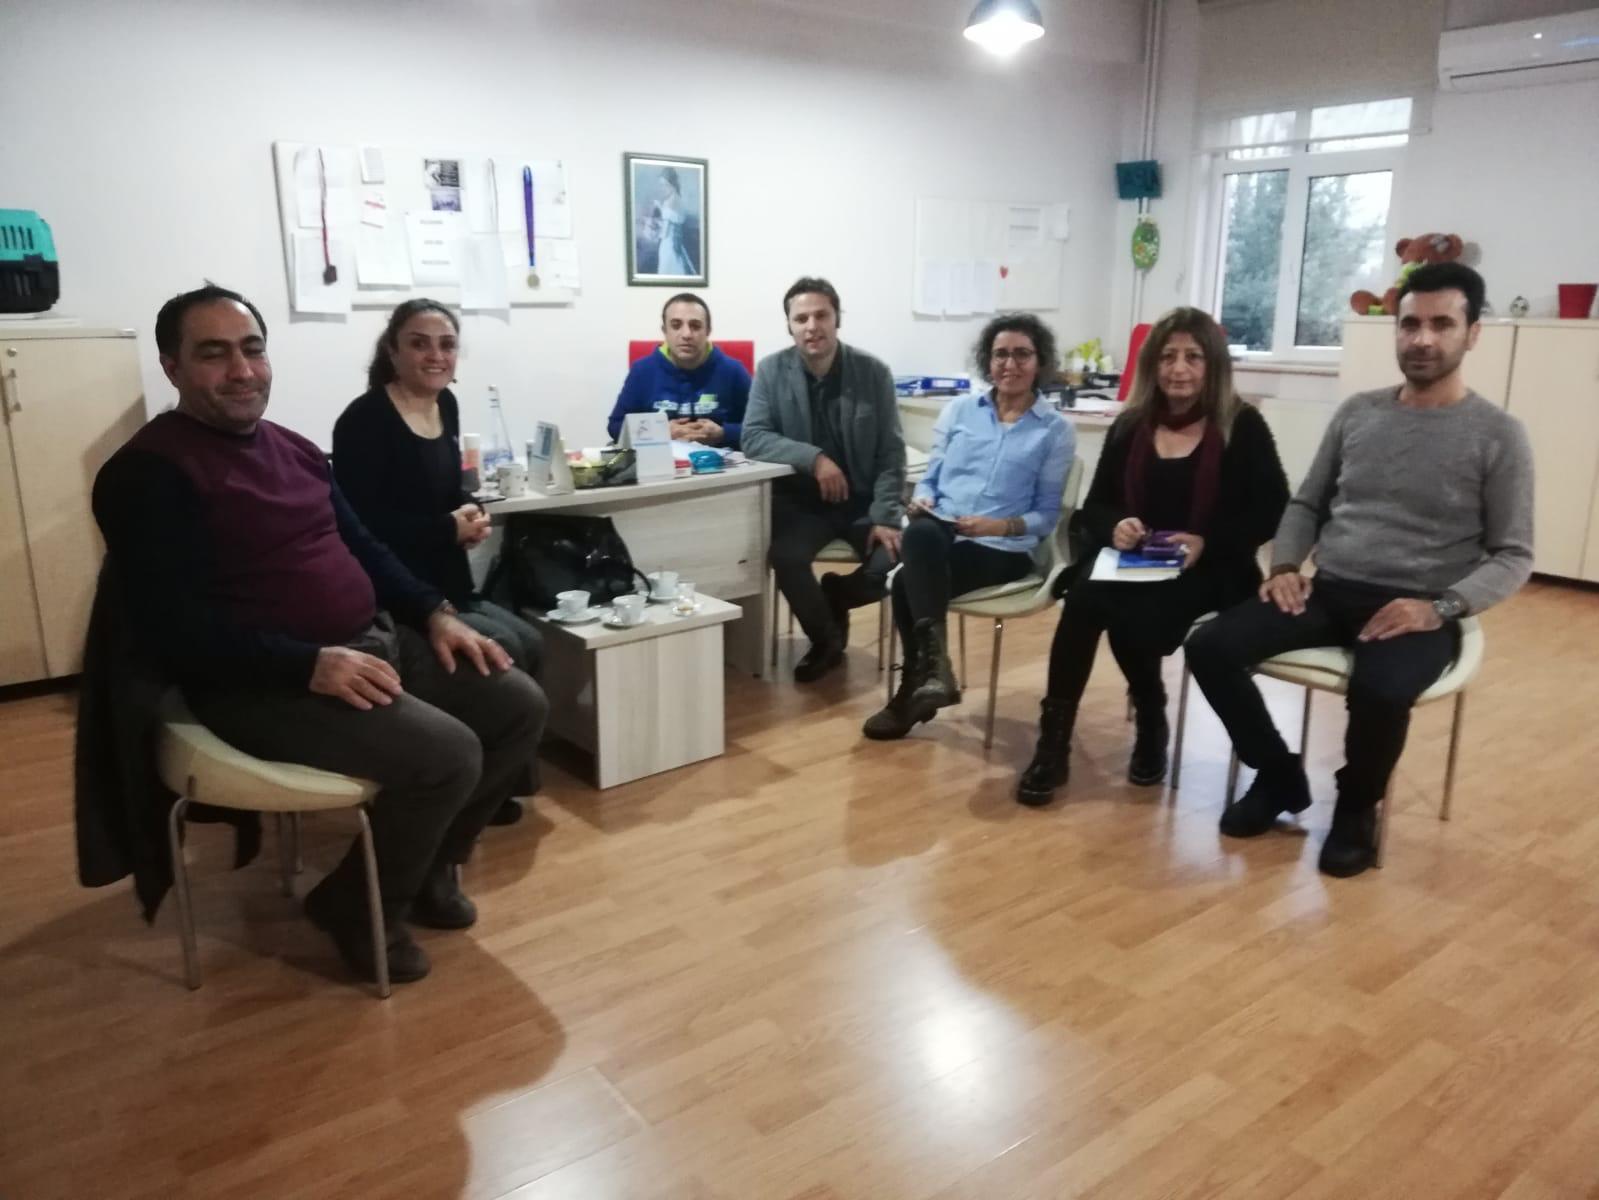 22 Aralık KESK İstanbul Bölge Mitingi İçin Yalova'da Çalışmalar Devam Ediyor